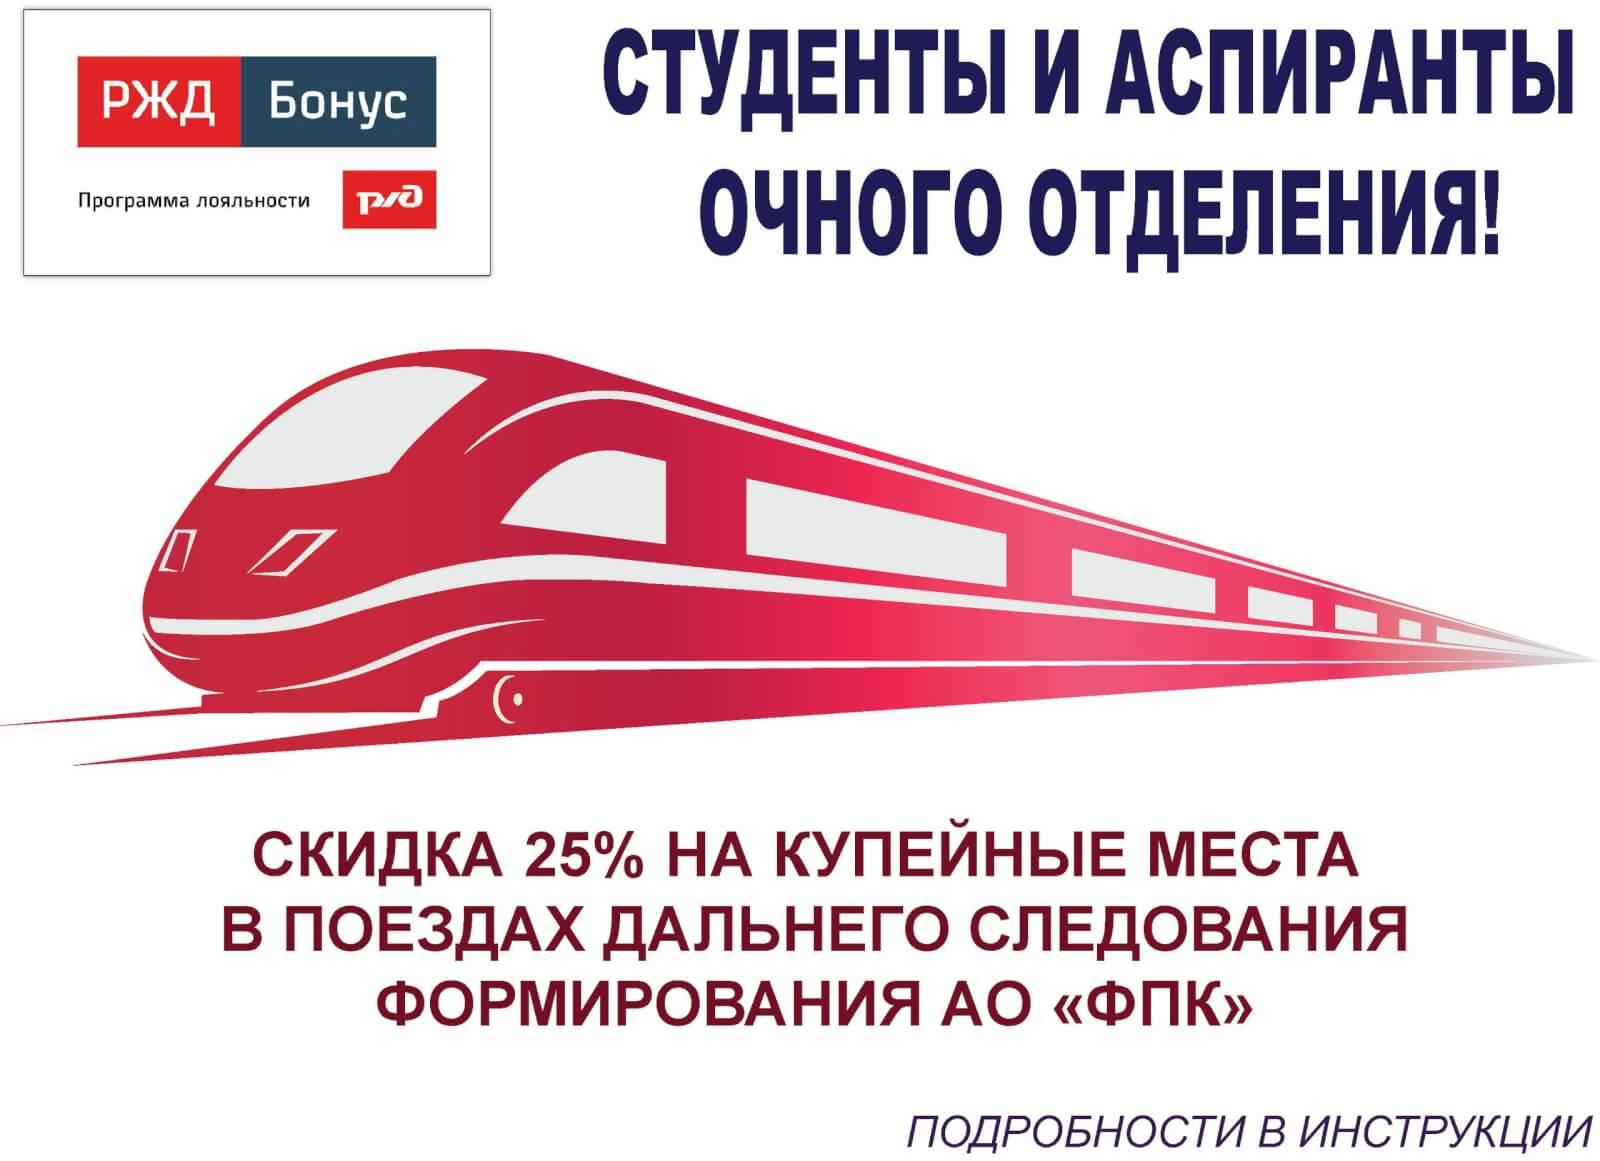 русский, немецкий скидка на билеты ржд студентам в 2016 крупный